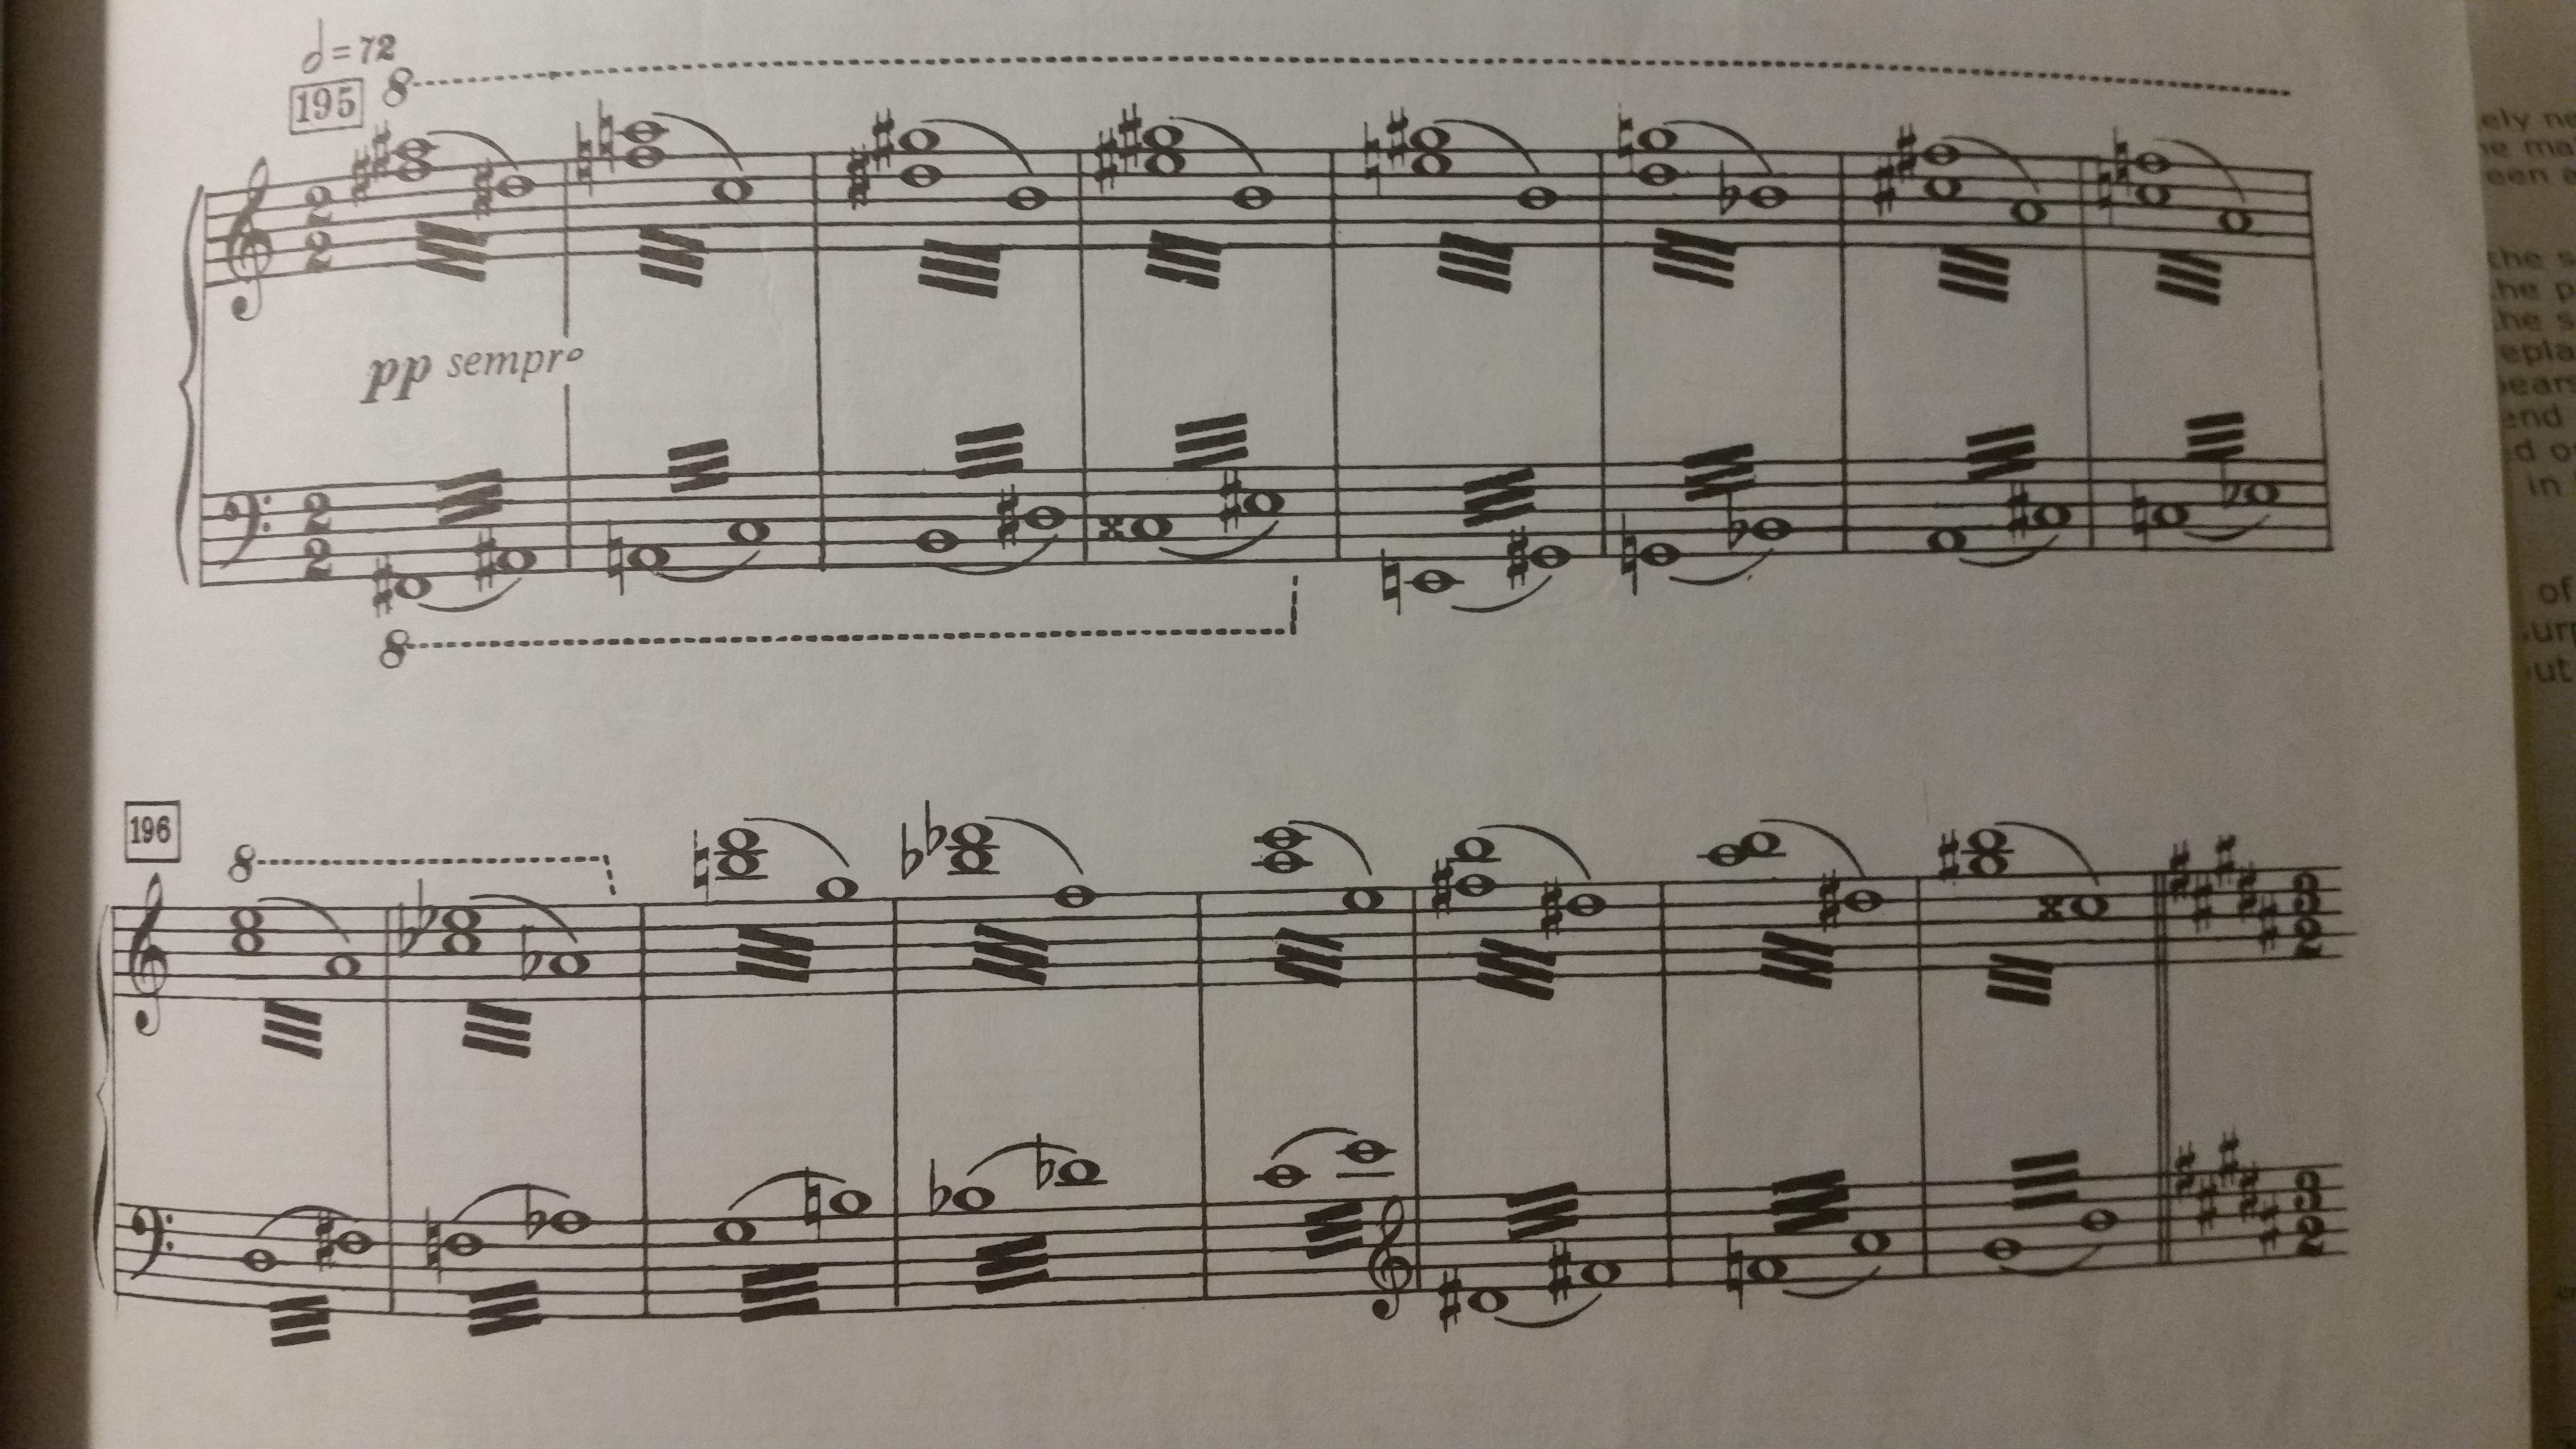 Une harmonie flottante dans l'oiseau de feu de Stravinsky